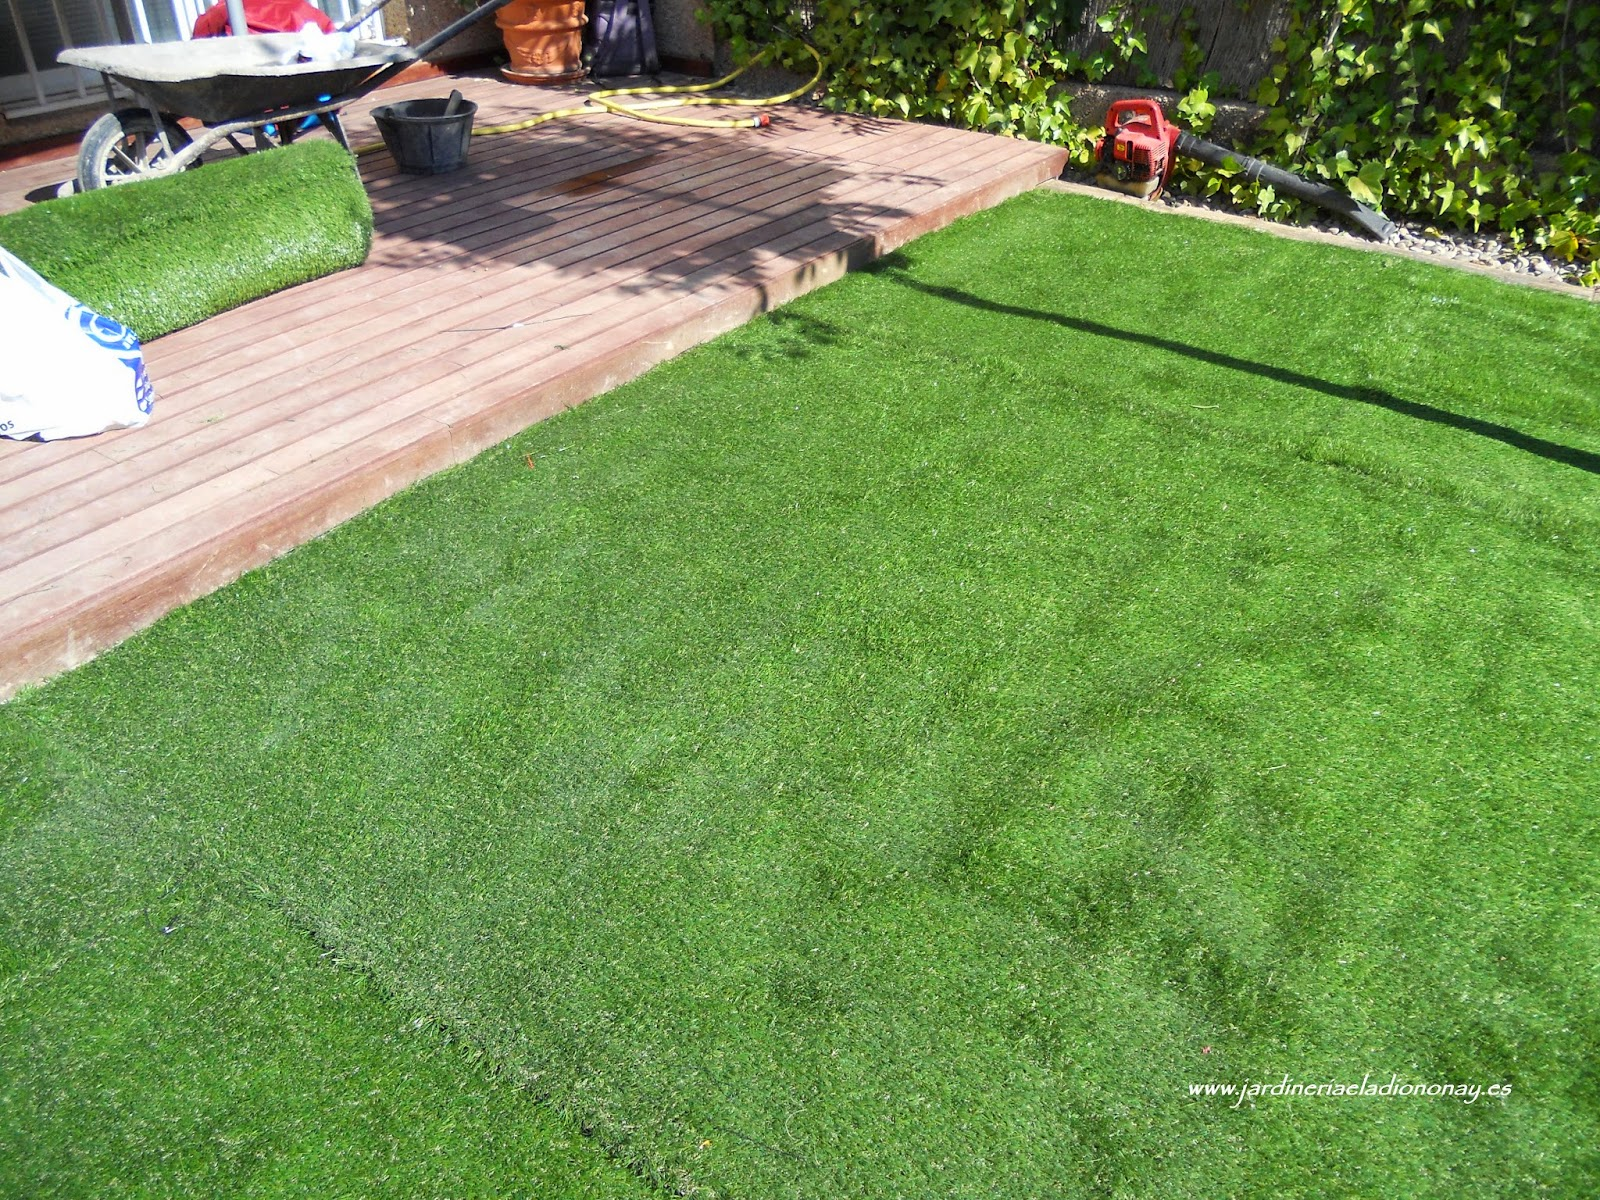 Jardineria eladio nonay como instalar c sped artificial Instalar cesped artificial